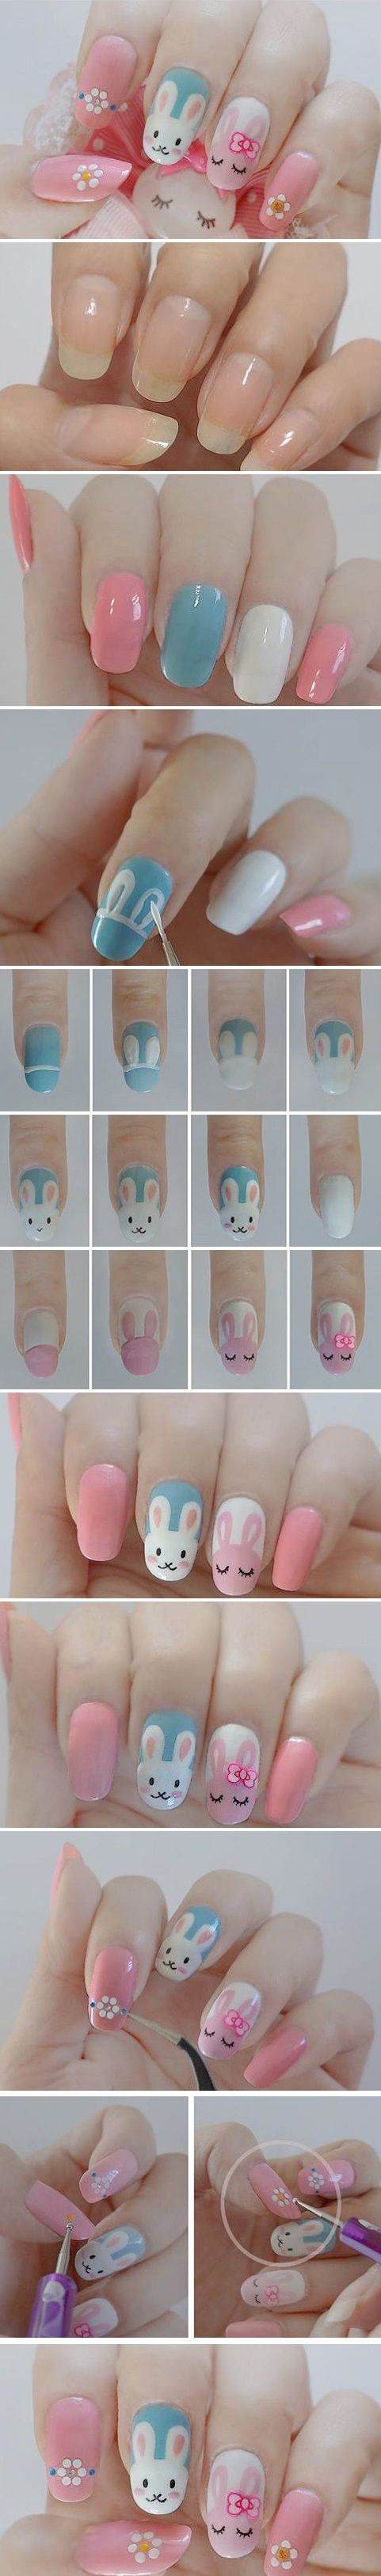 Hermosas uñas con conejitos de pascua | Decoración de Uñas - Manicura y Nail Art